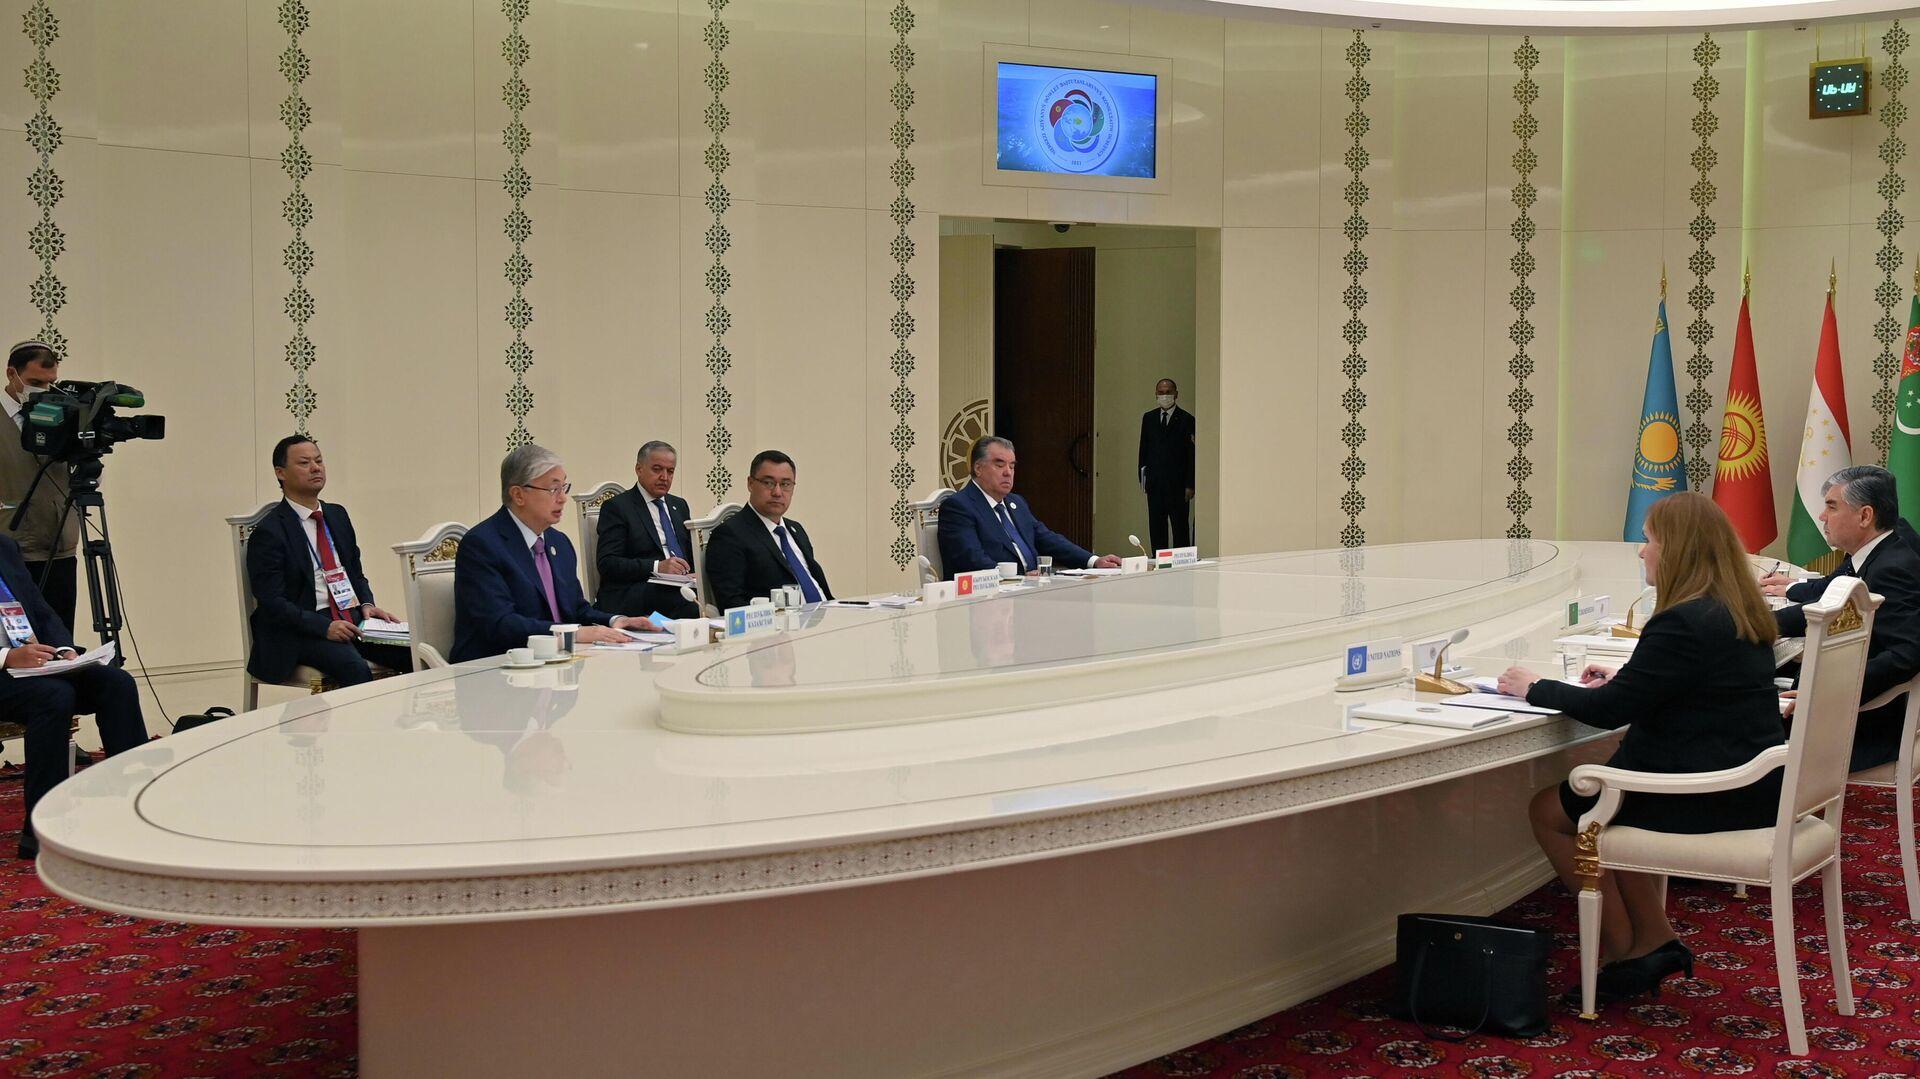 Саммит глав стран Центральной Азии в Туркменистане - Sputnik Таджикистан, 1920, 06.08.2021